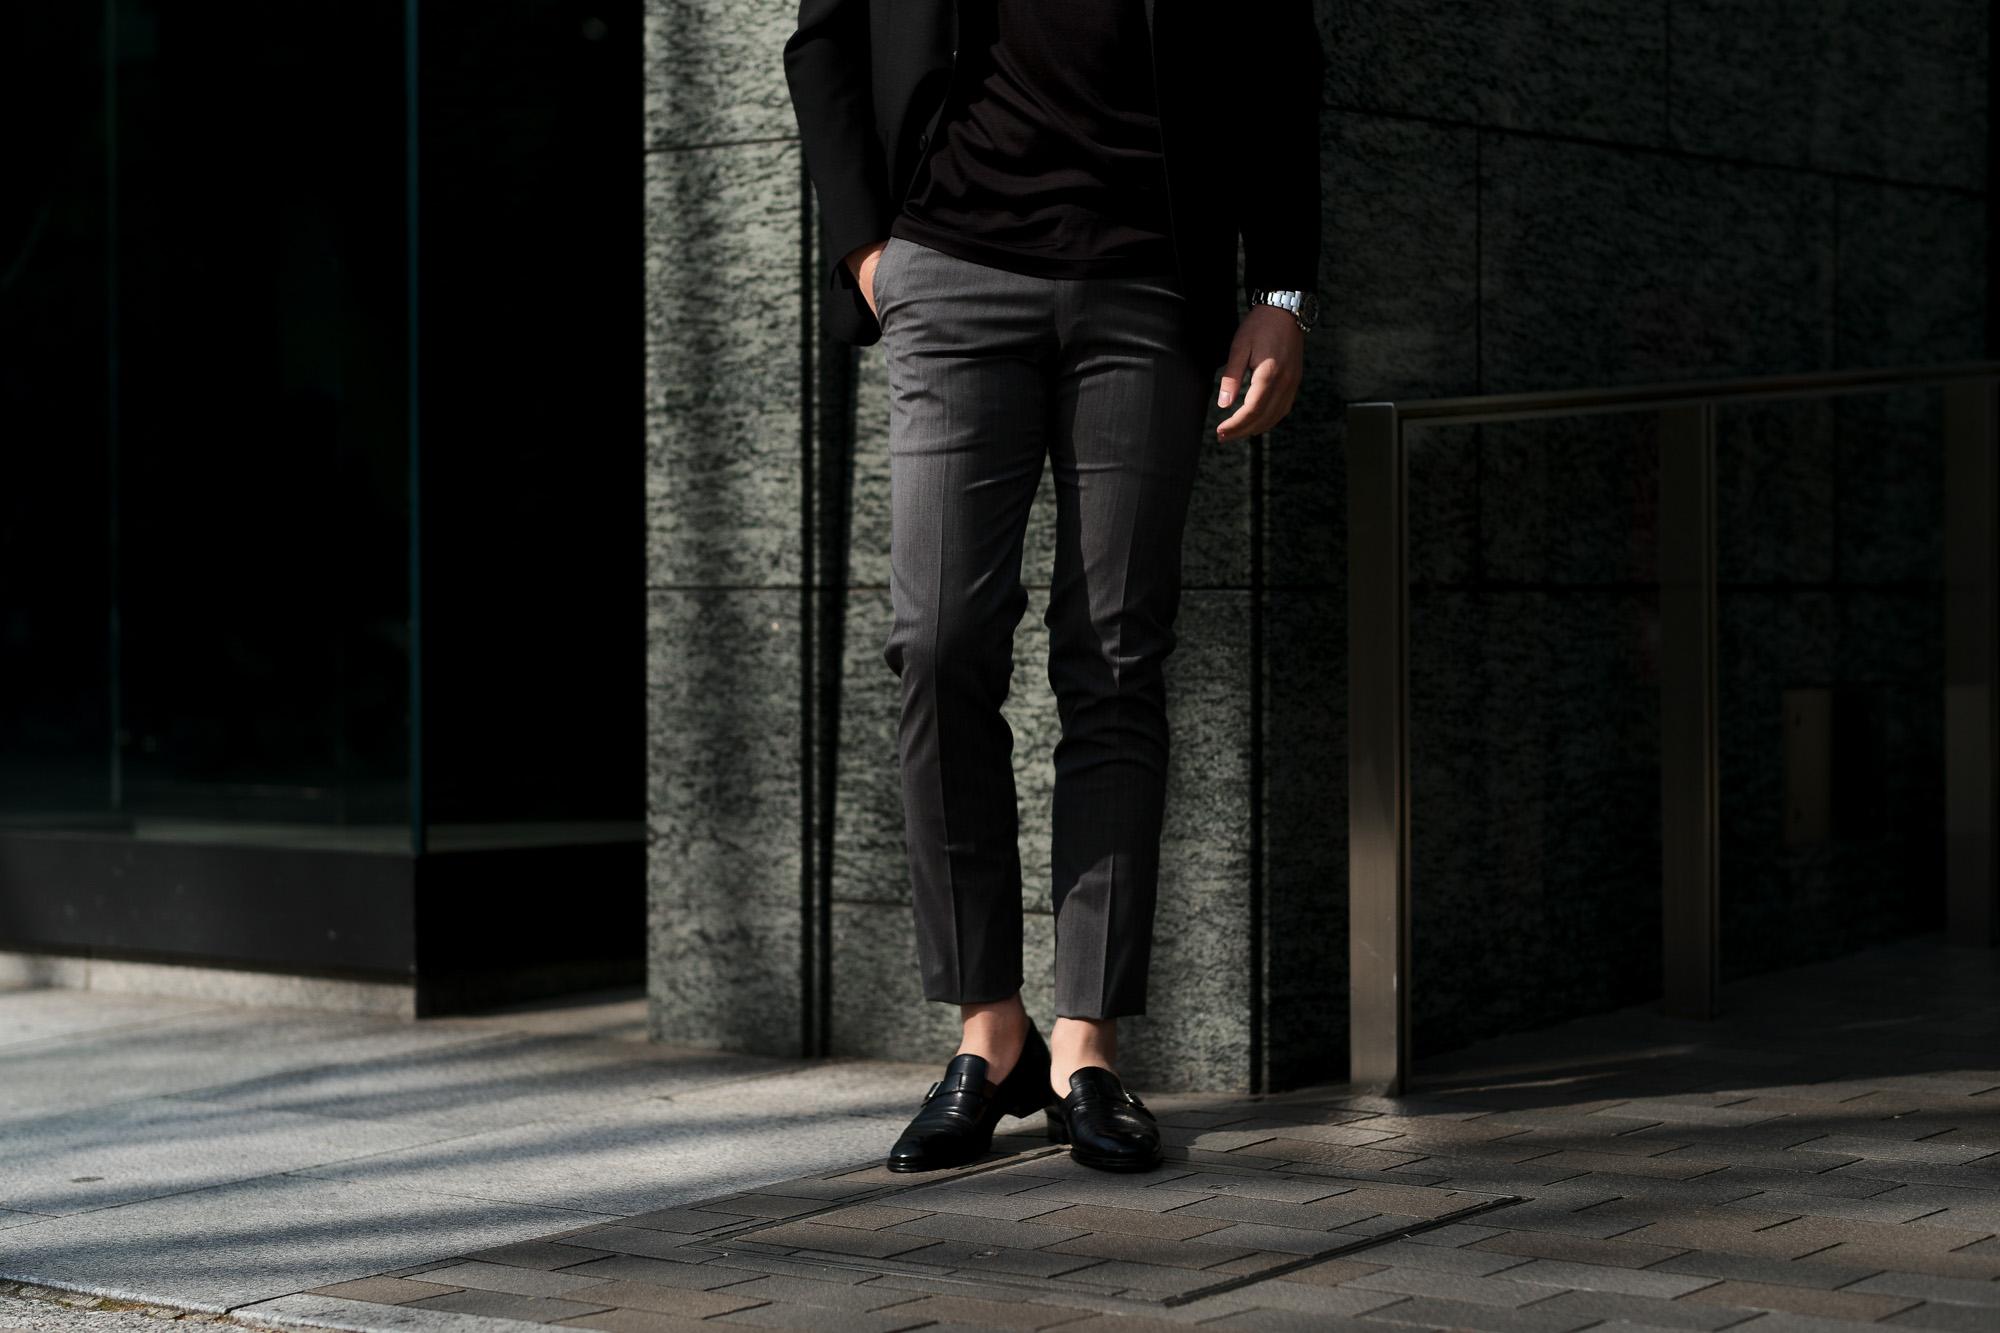 cuervo bopoha (クエルボ ヴァローナ) Sartoria Collection (サルトリア コレクション) Brad (ブラッド) Super 120's WASHABLE TROPICAL WOOL ウォッシャブル ストレッチ トロピカルウール サマーウール スラックス GRAY (グレー) MADE IN JAPAN (日本製) 2020 春夏新作 愛知 名古屋 altoediritto アルトエデリット